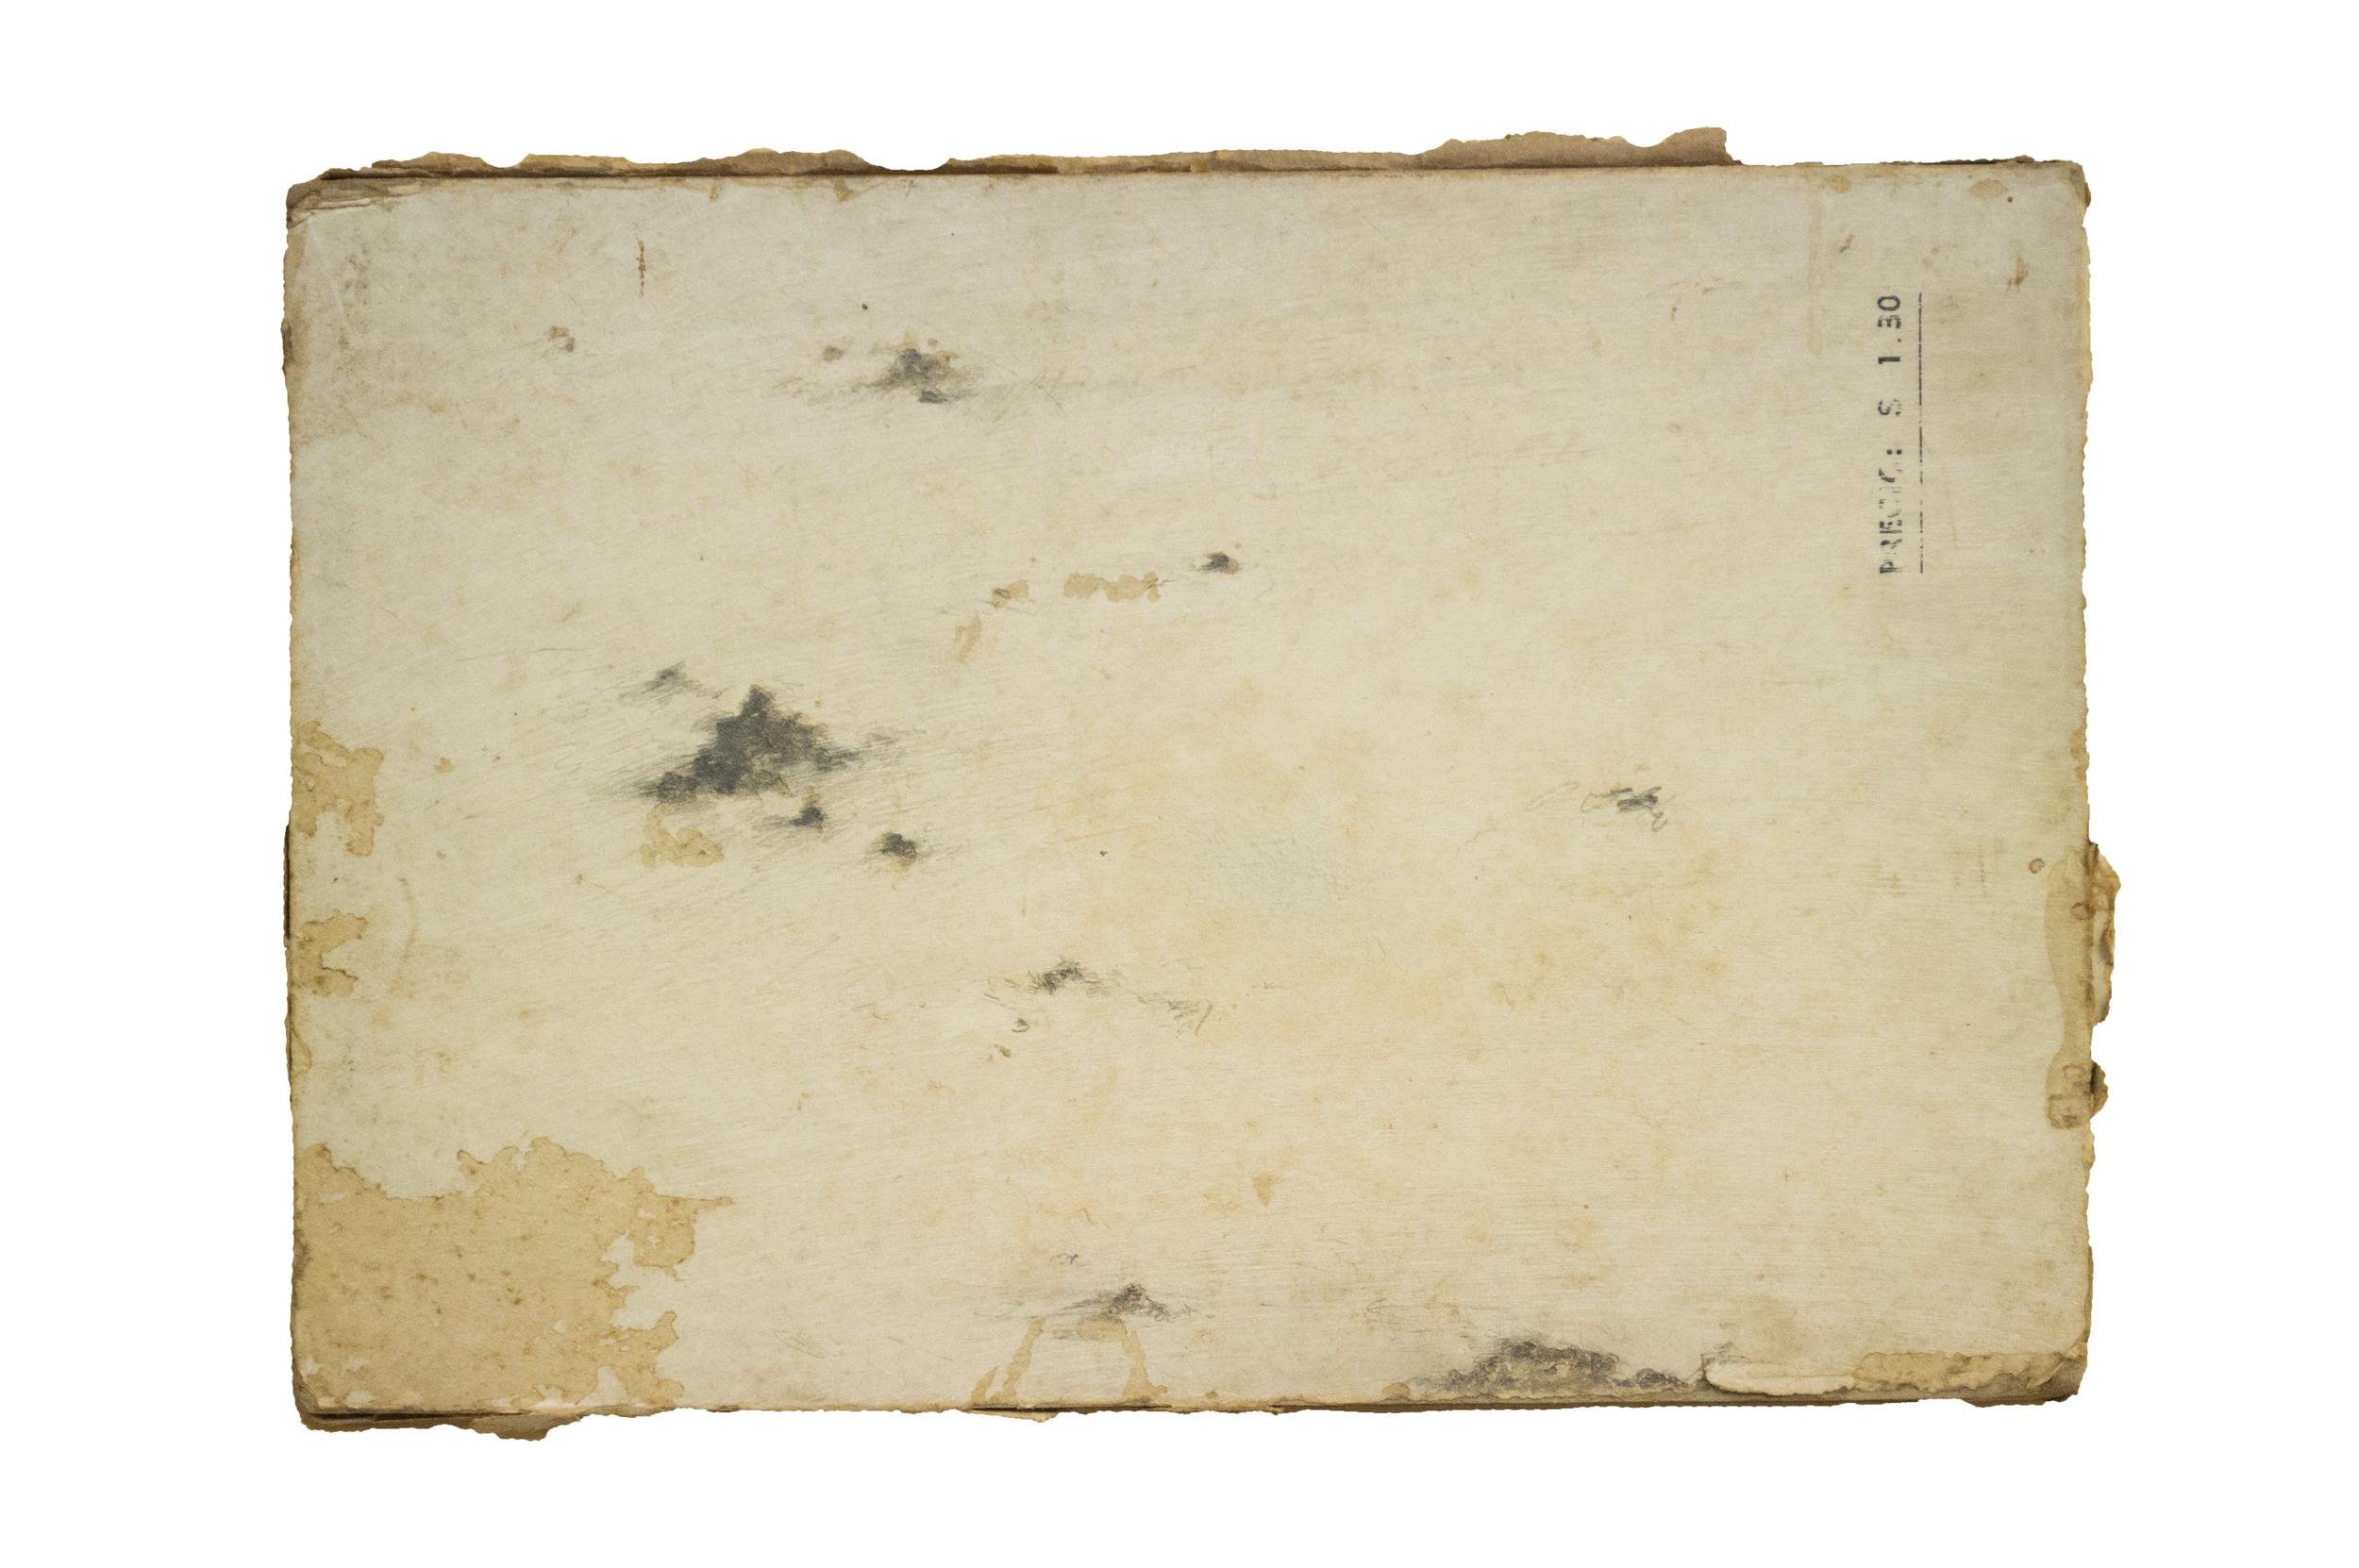 WE_Mateo Zúñiga_Grafito sobre tapa de libro_15 x 20 cm_2014.jpg